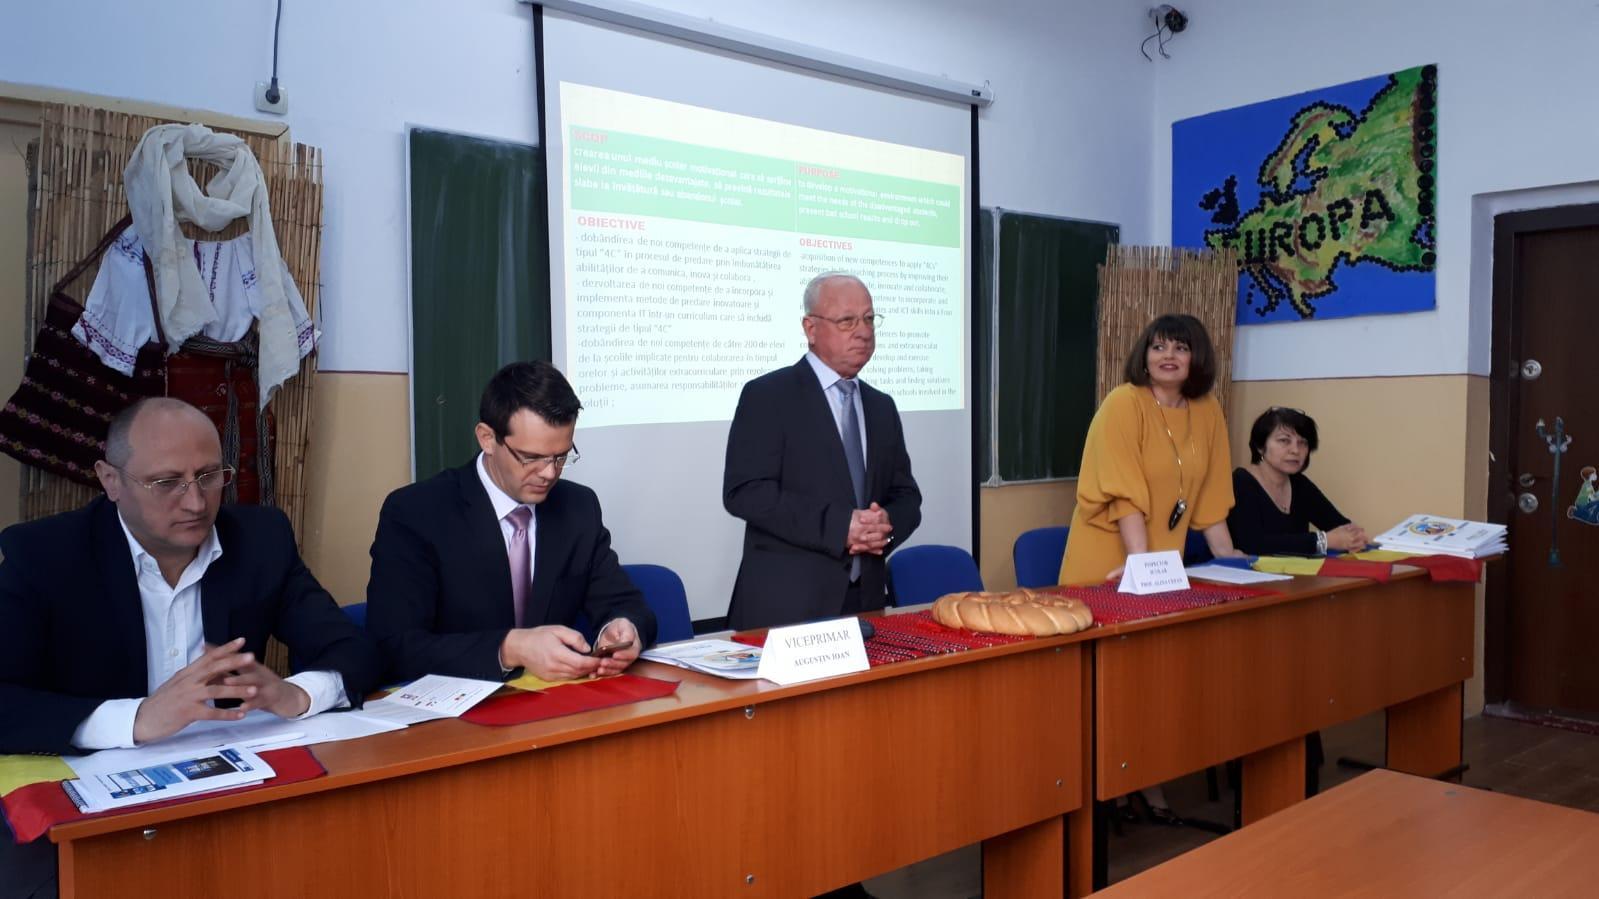 """Liceul Teoretic """"Constantin Noica"""" din Alexandria, deschiderea oficială a proiectului Erasmus+ """"Let's Make School Our Second Home!"""""""